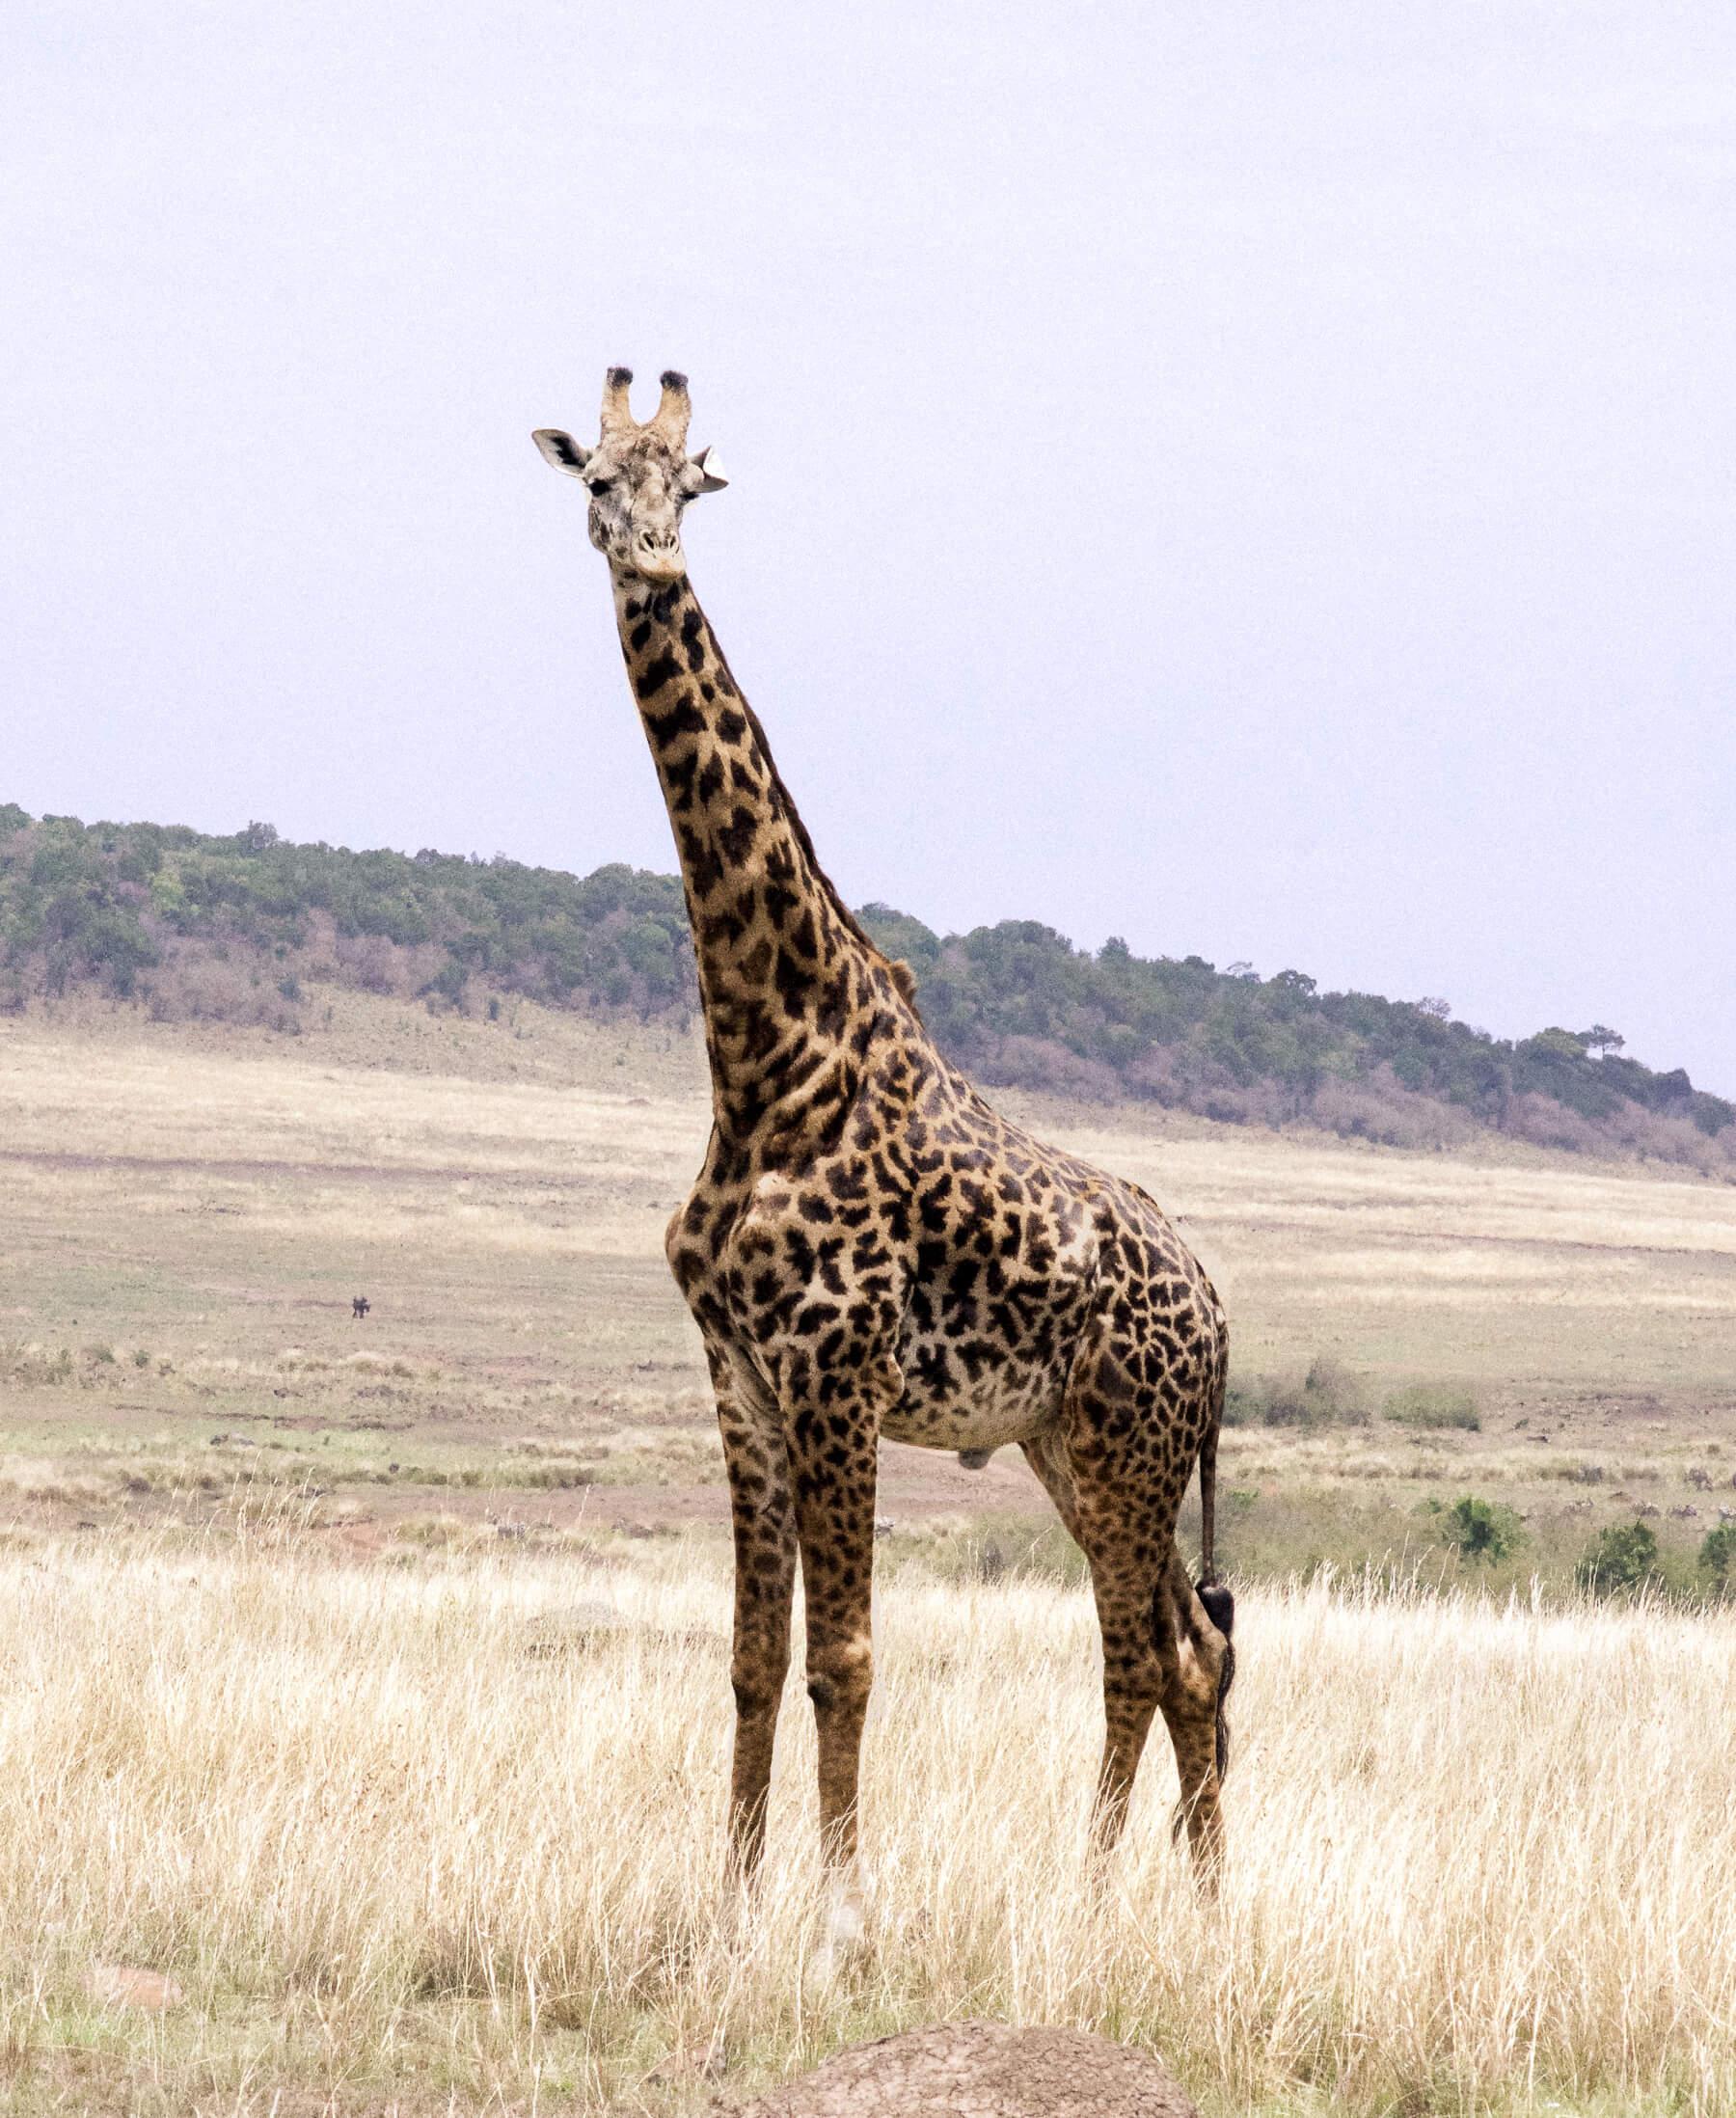 A male giraffe standing in the plains of the Maasai Mara